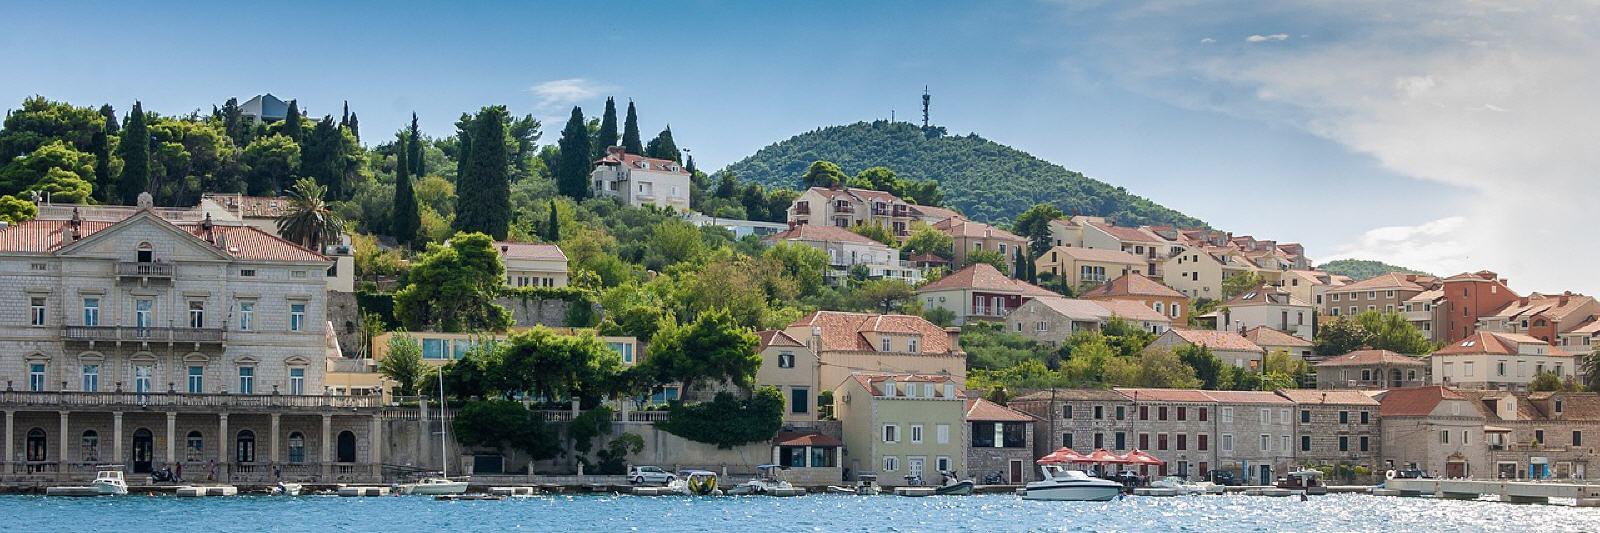 Kroatien immobilienpreise